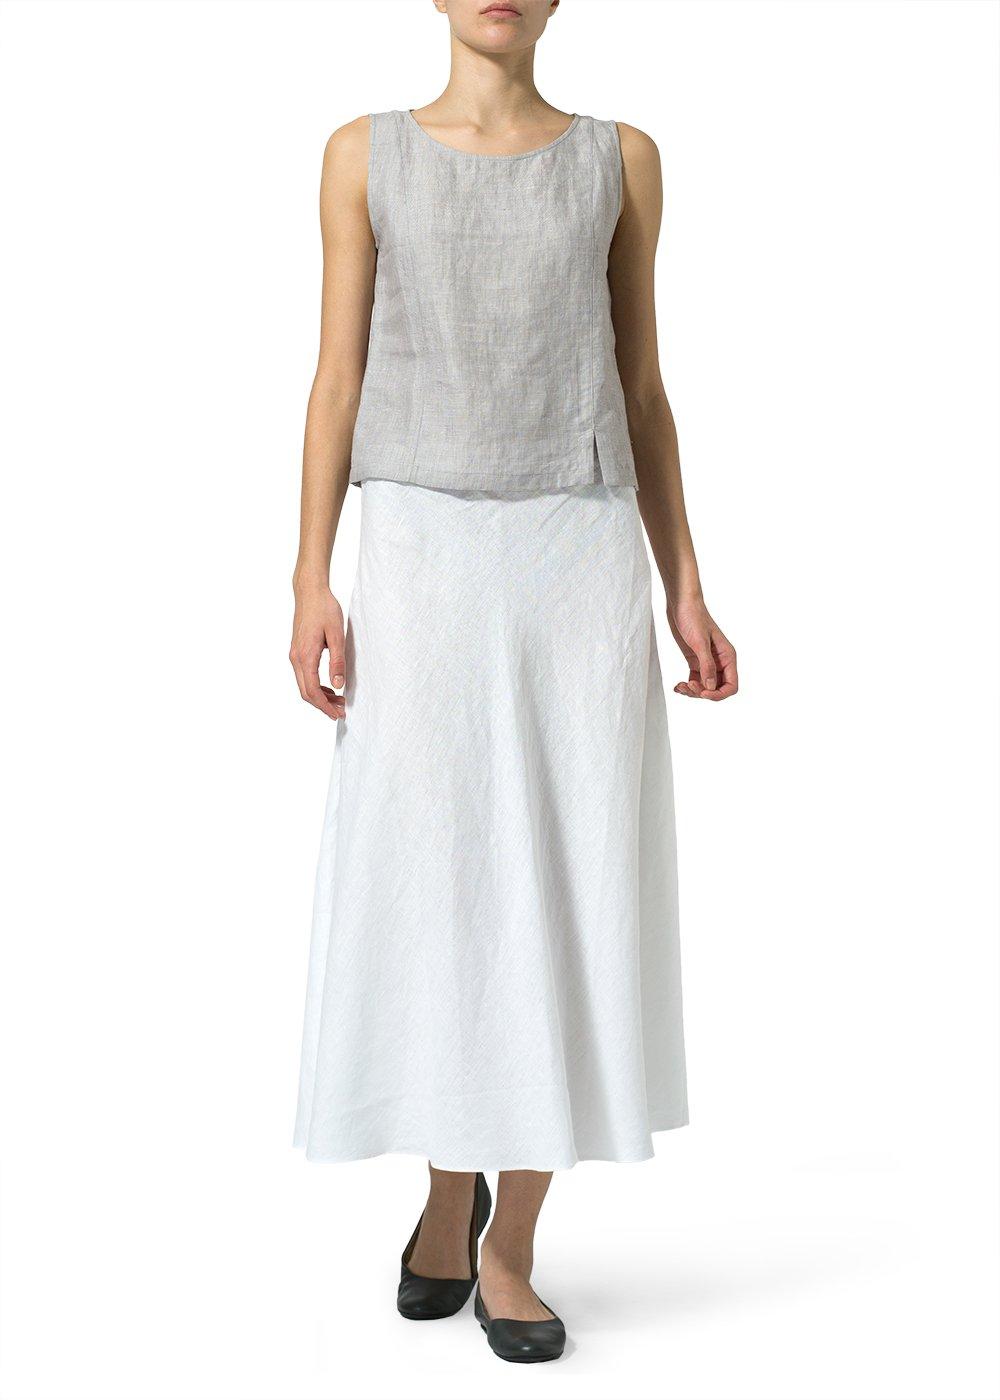 Vivid Linen Long Flowing Skirt-2X-White